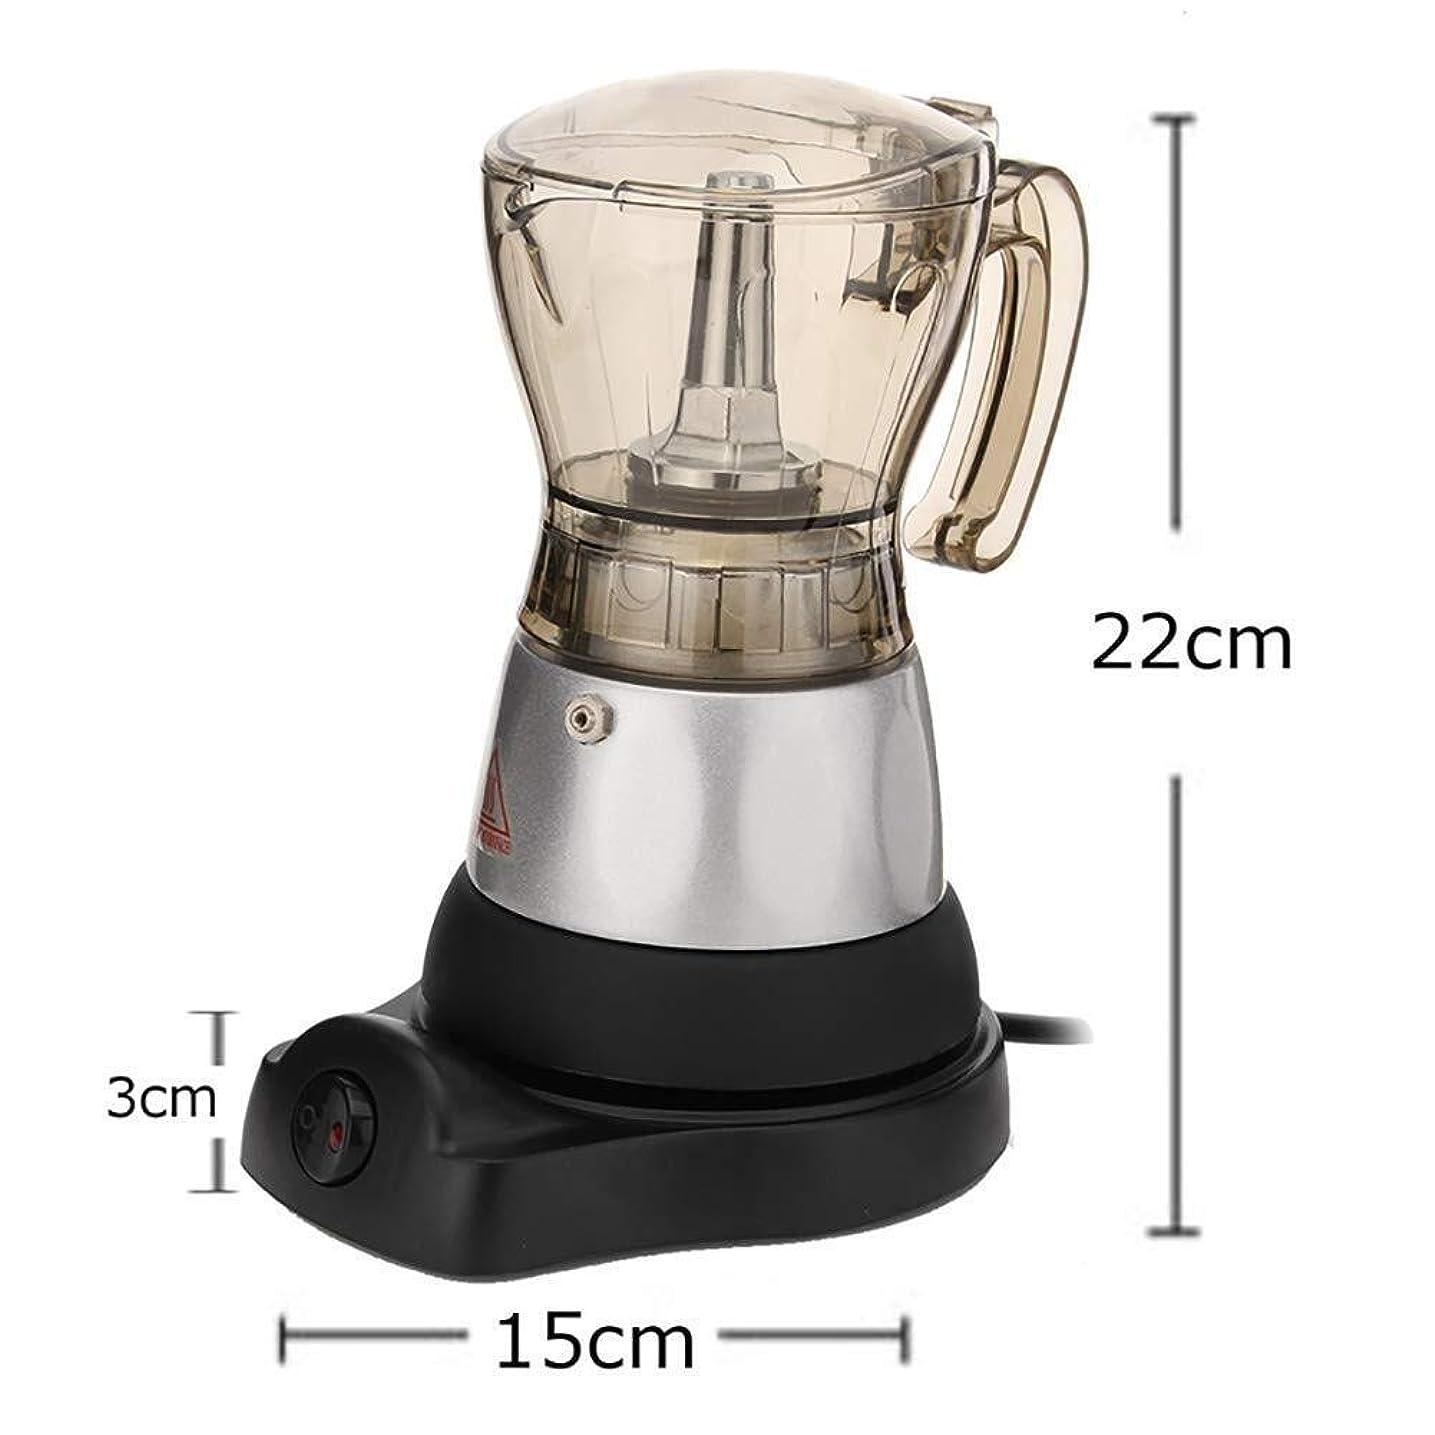 わずかな打撃感嘆符YLSP イタリアモカコーヒー、エスプレッソマシン、合金材料で作られた半自動、電気、食用ポット、上部ポットアクリル酸、良好な靭性ではなく、脆いは、エスプレッソコーヒーをカップ4は、家庭を洗浄することができます